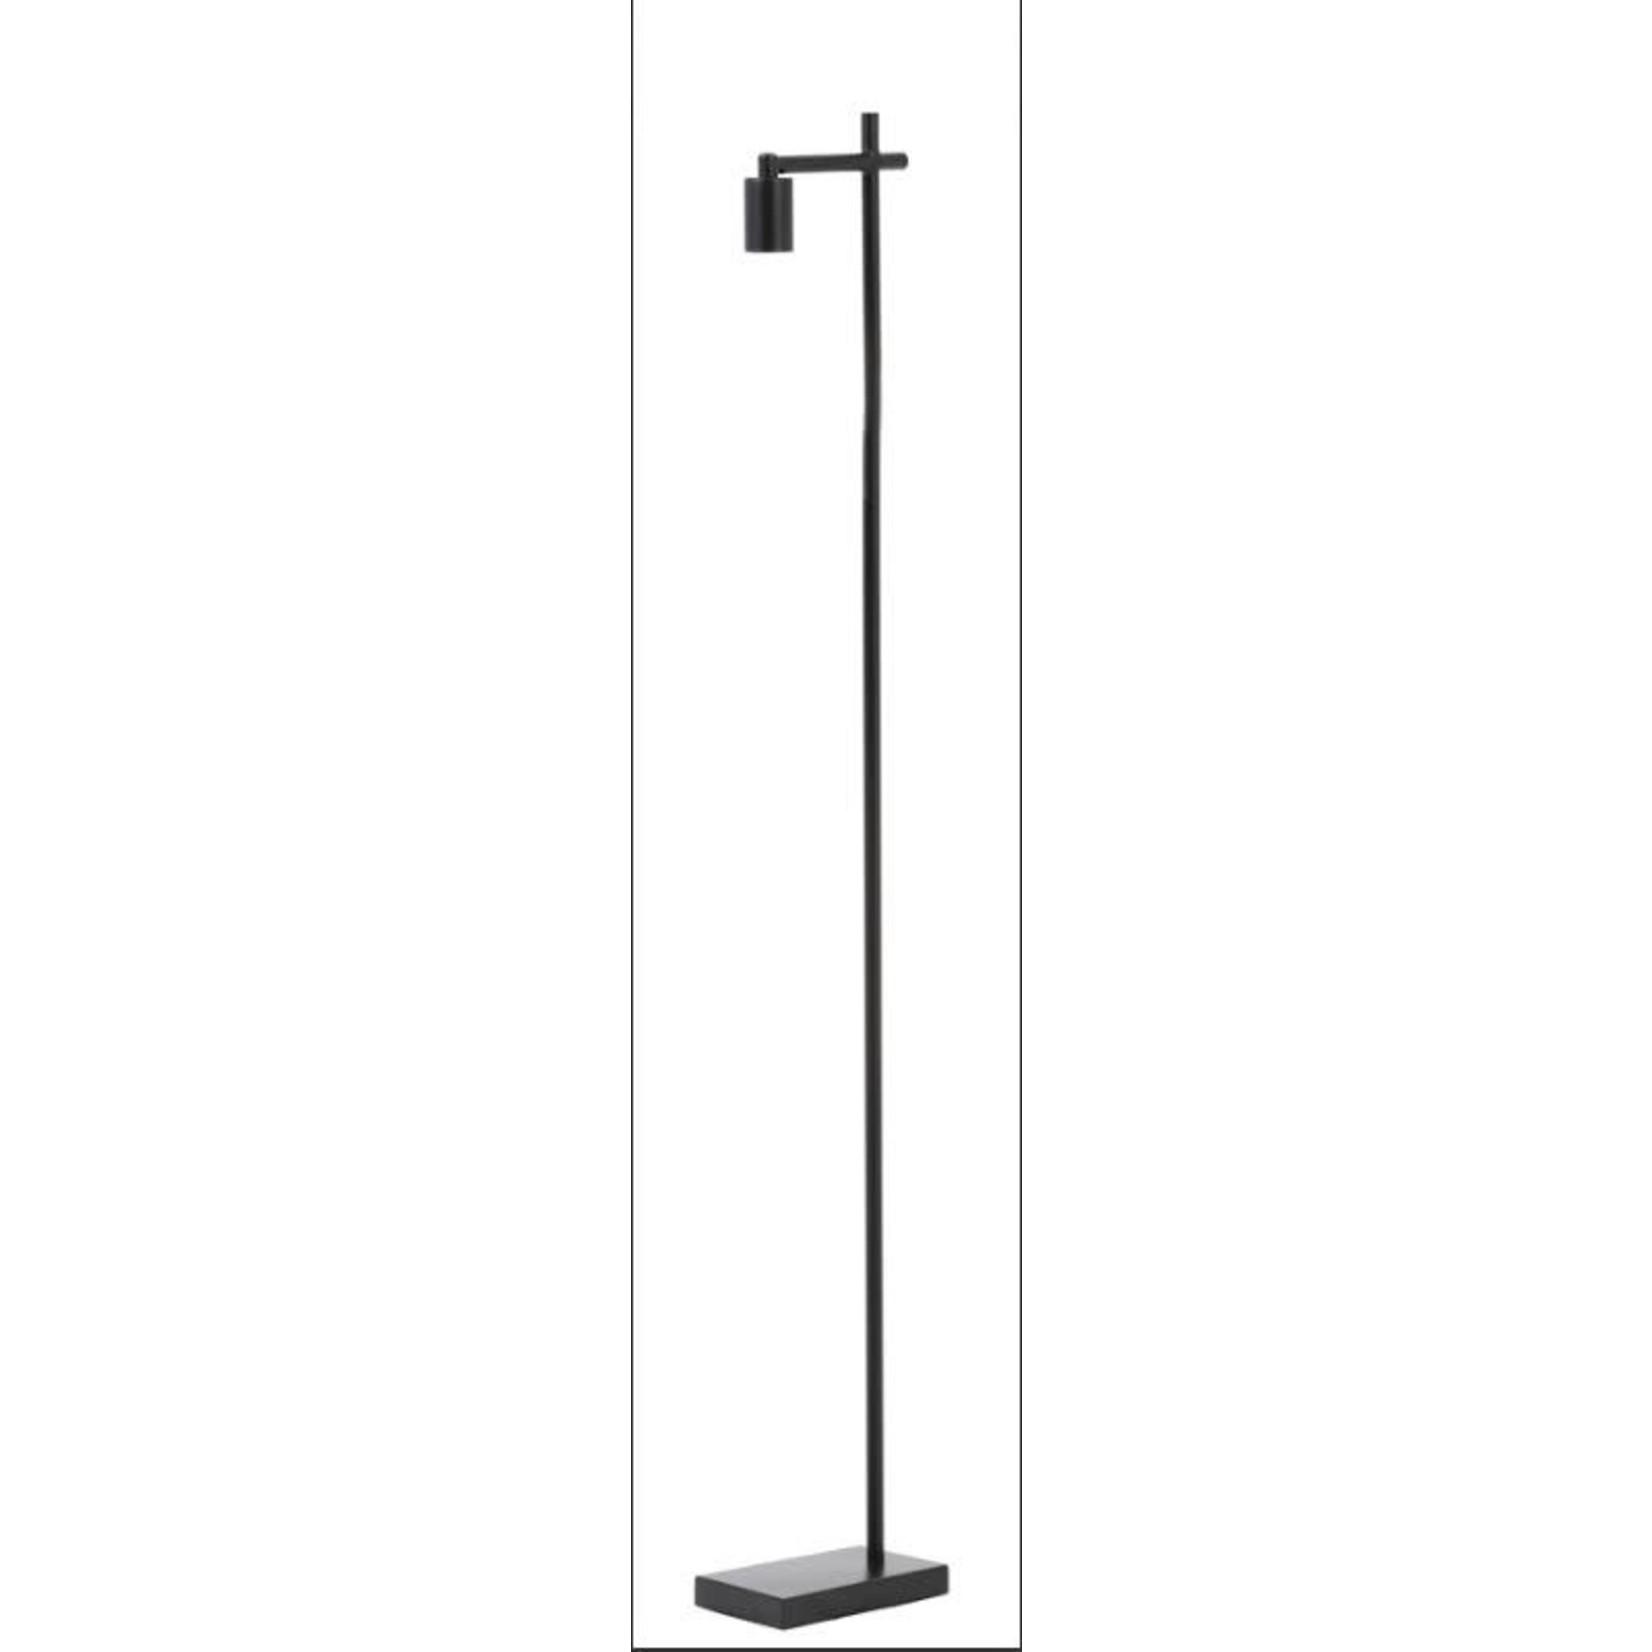 Light & Living Floor lamp 28.5x15x152 cm CORBY matt black